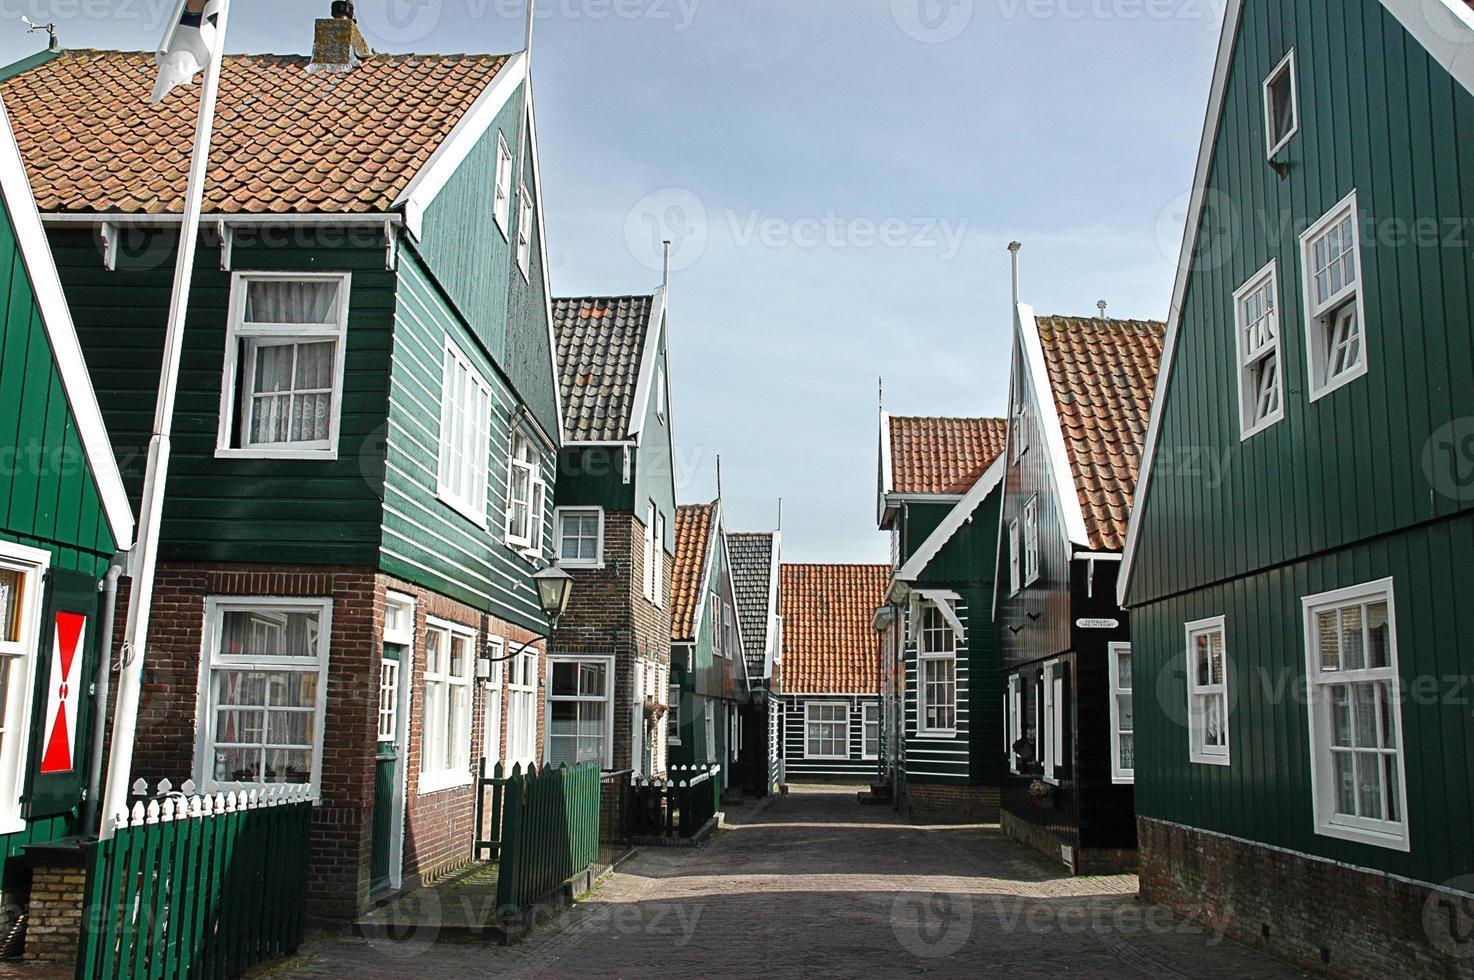 Dutch village photo